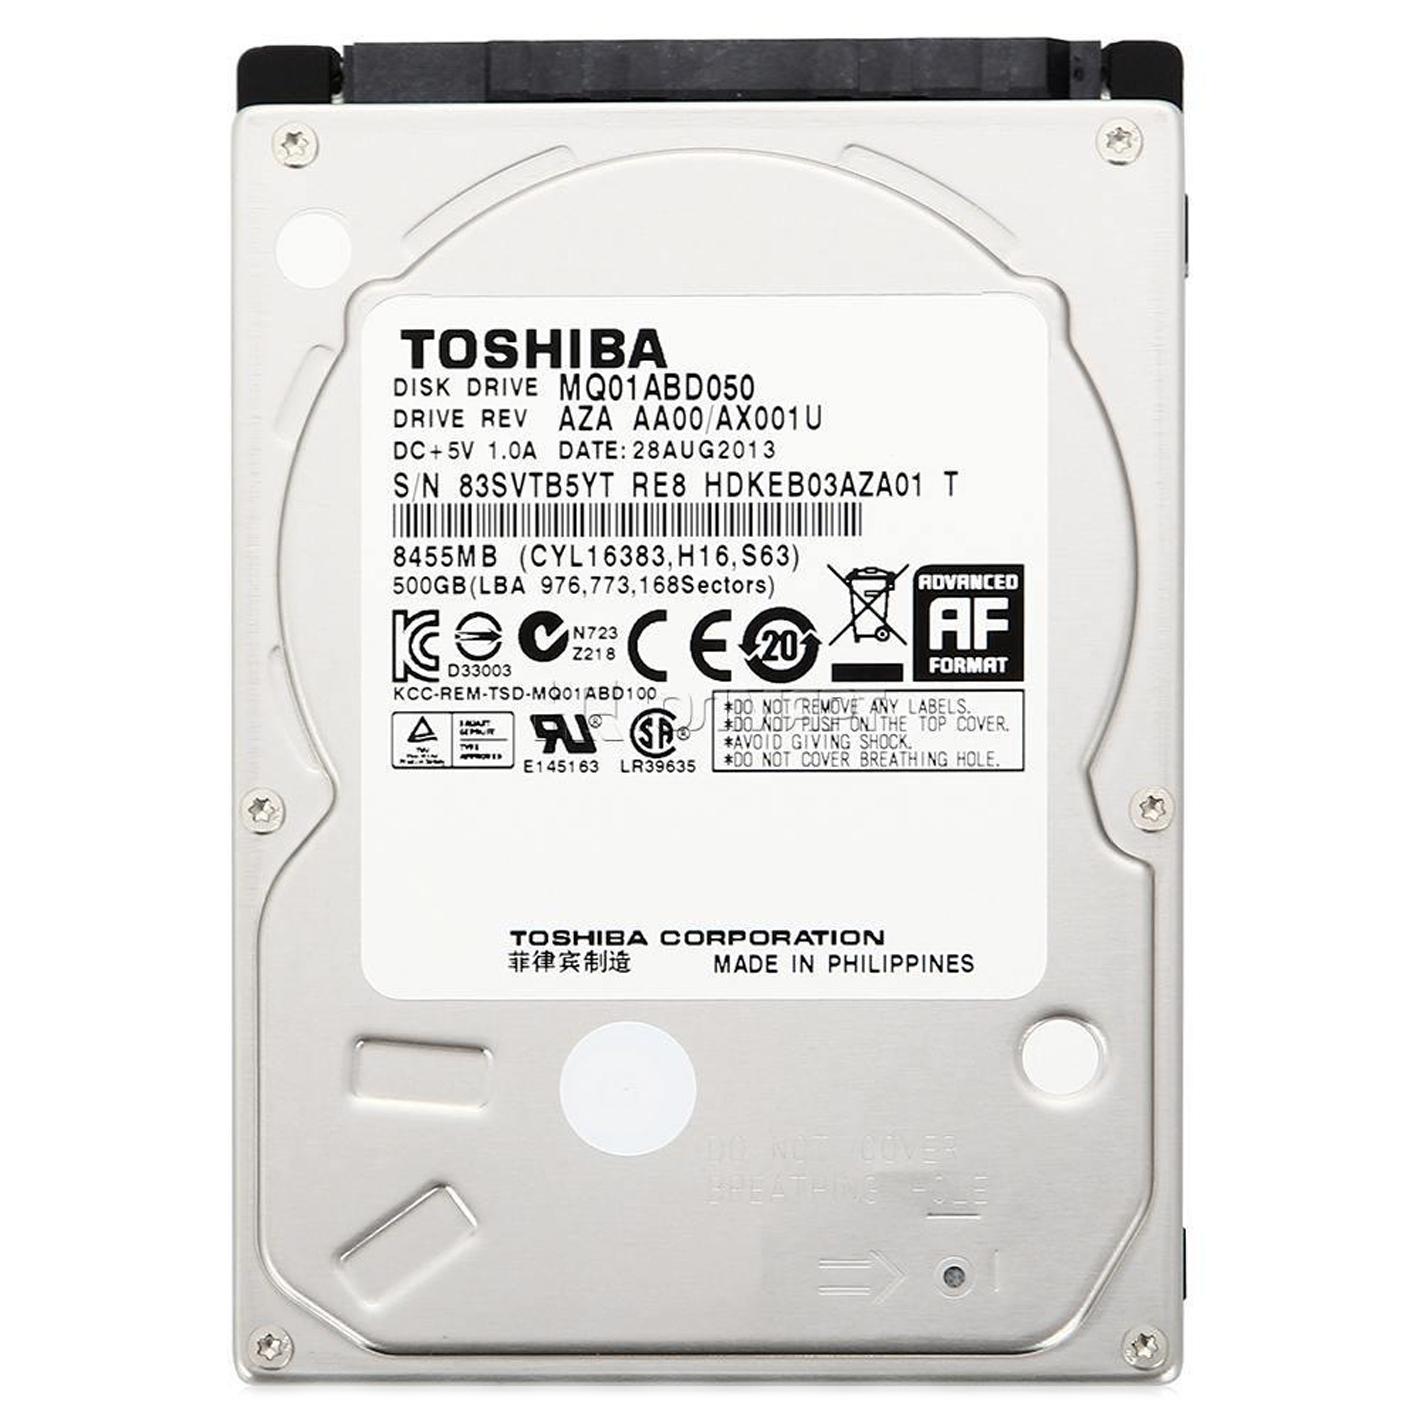 TOSHIBA 500GB 2.5'' 2.5